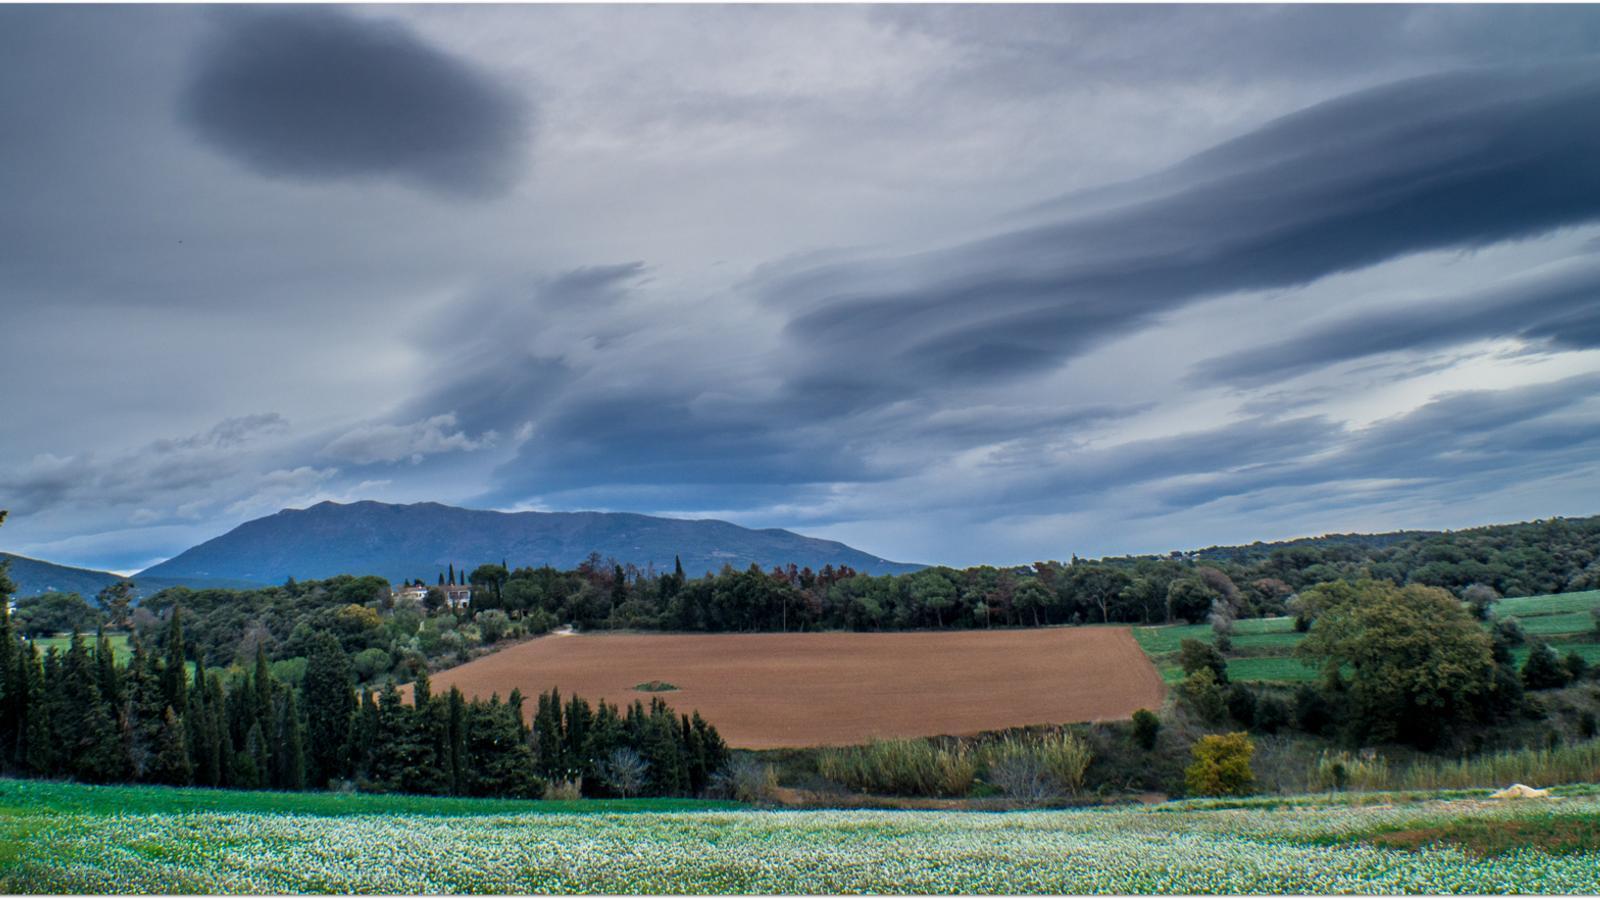 Núvols de vent damunt del Turó de l'Home on avui el vent ja ha assolit els 100 km/h